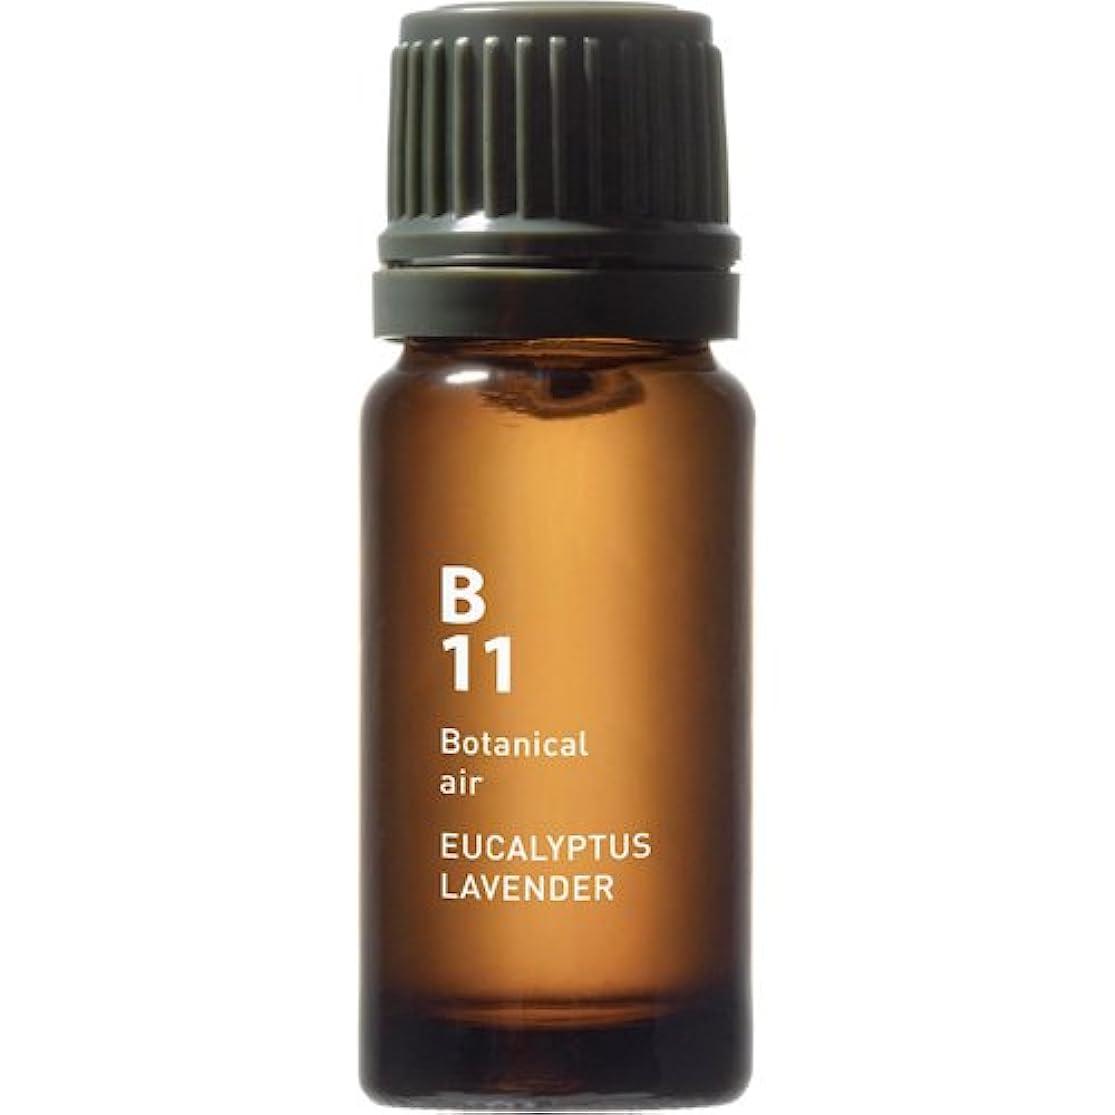 弾性まだ病なB11 ユーカリラベンダー Botanical air(ボタニカルエアー) 10ml